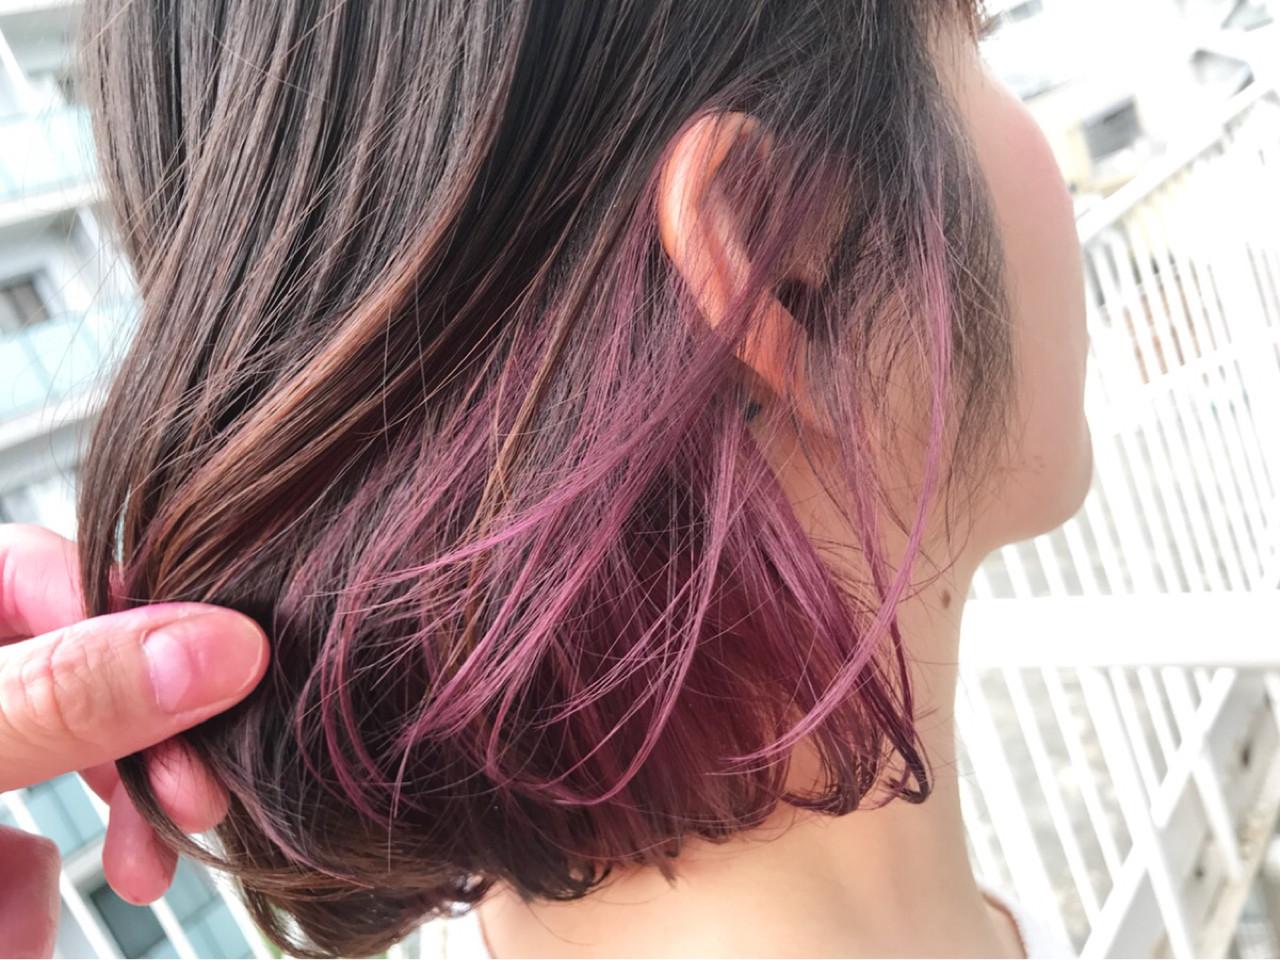 ショート 切りっぱなし ピンク ナチュラル ヘアスタイルや髪型の写真・画像